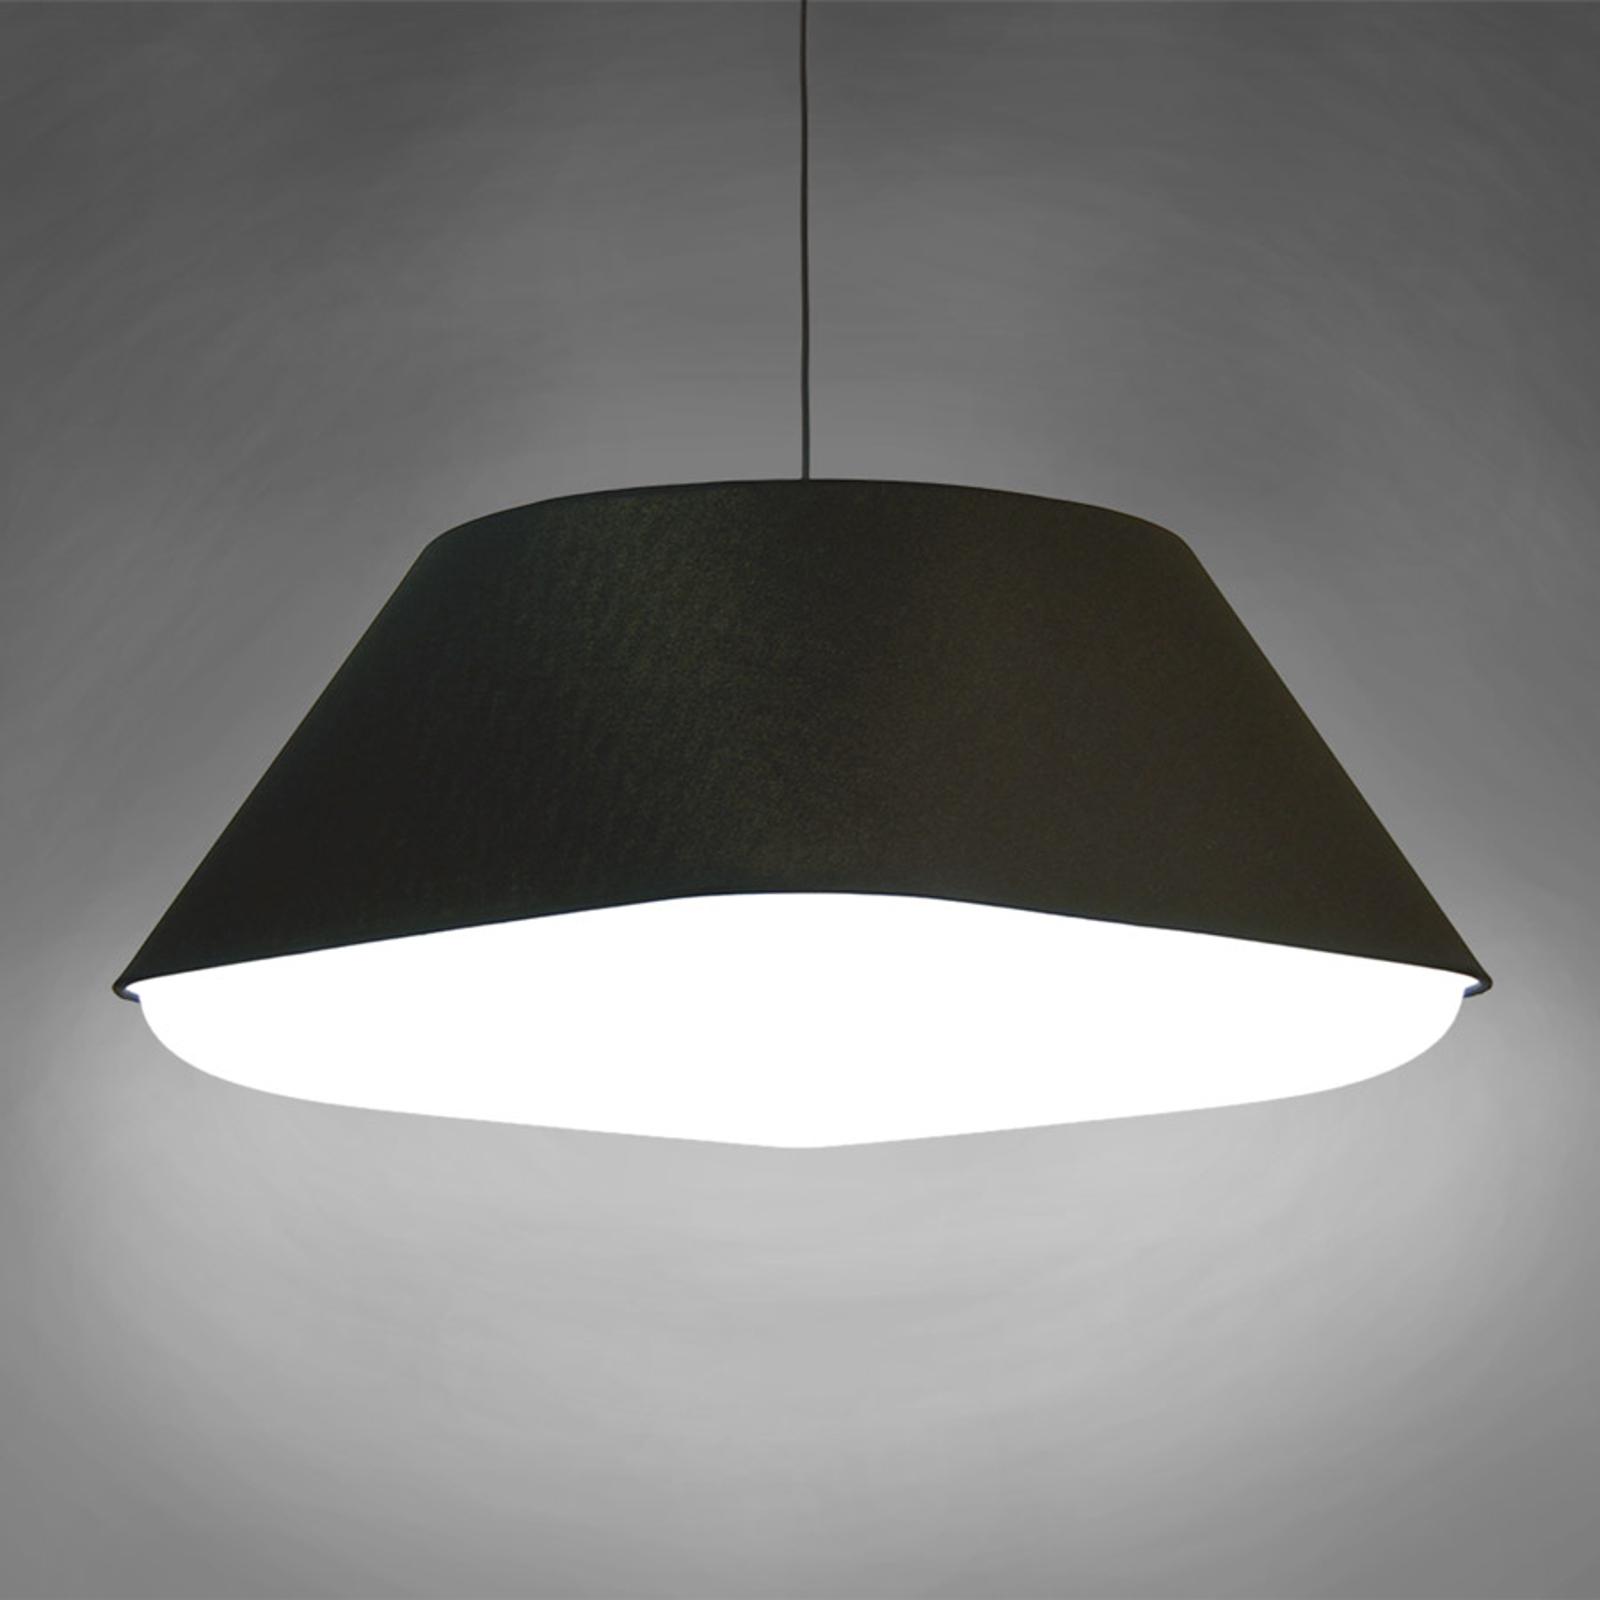 Innermost RD2SQ 60 textilní závěsné světlo, černé